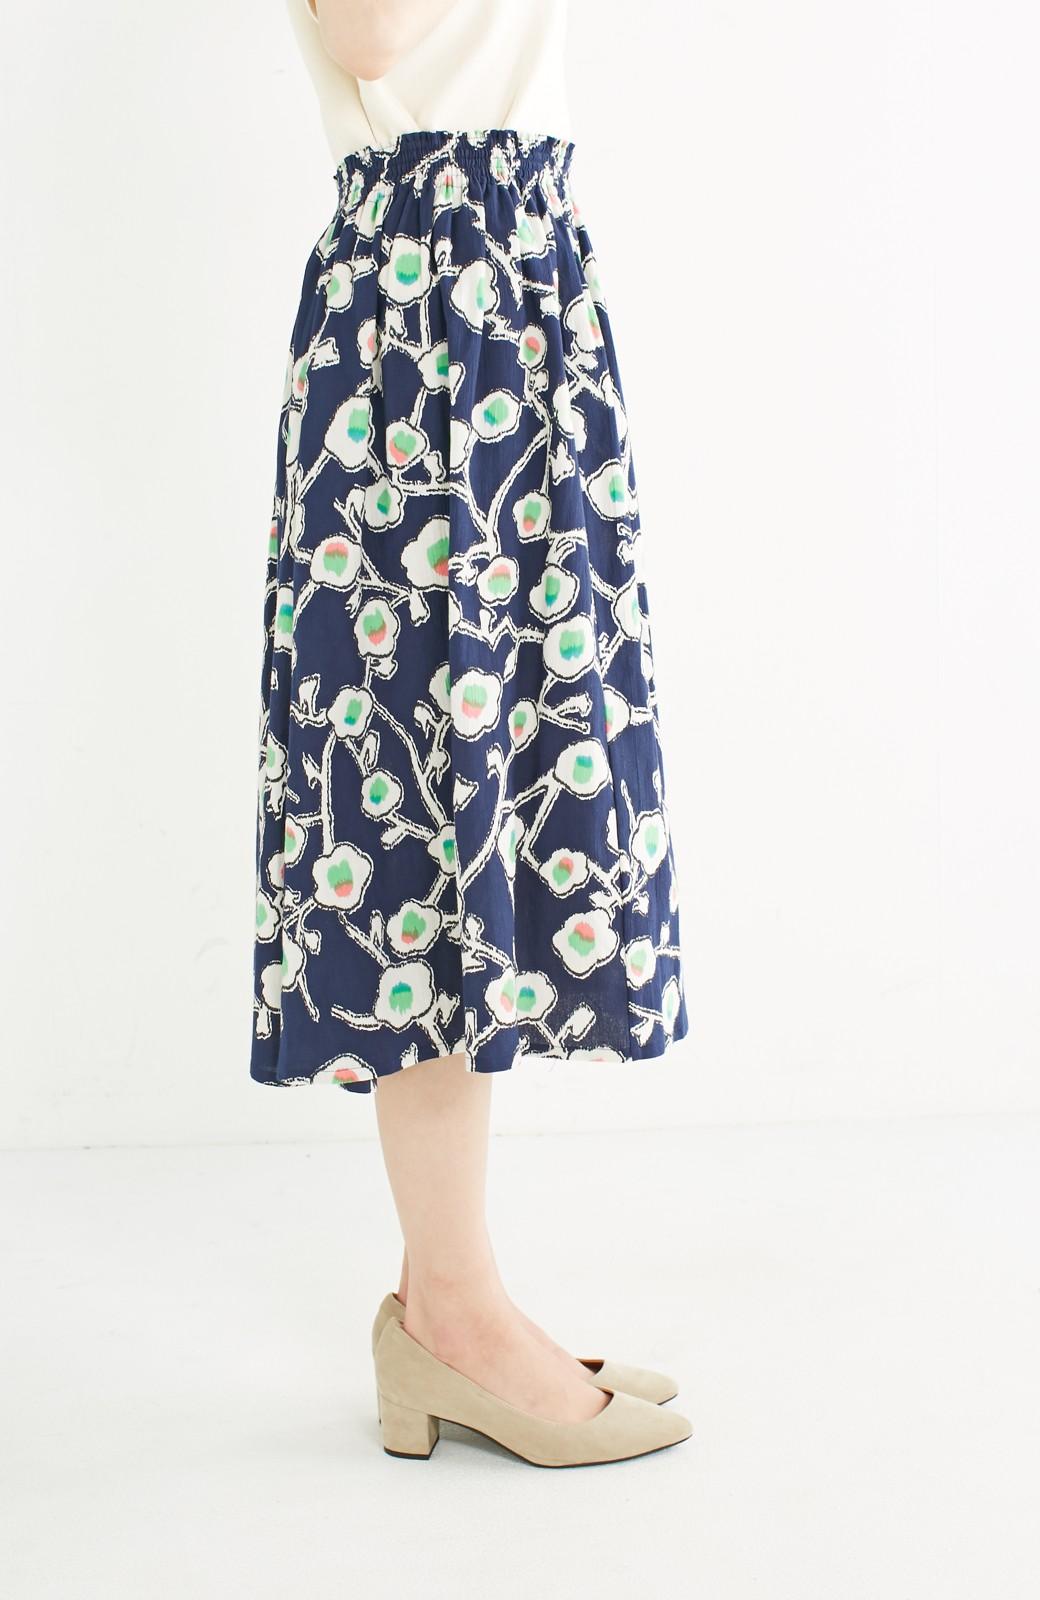 haco! 京都の浴衣屋さんと作った浴衣生地のスカート <ブルー系その他>の商品写真5